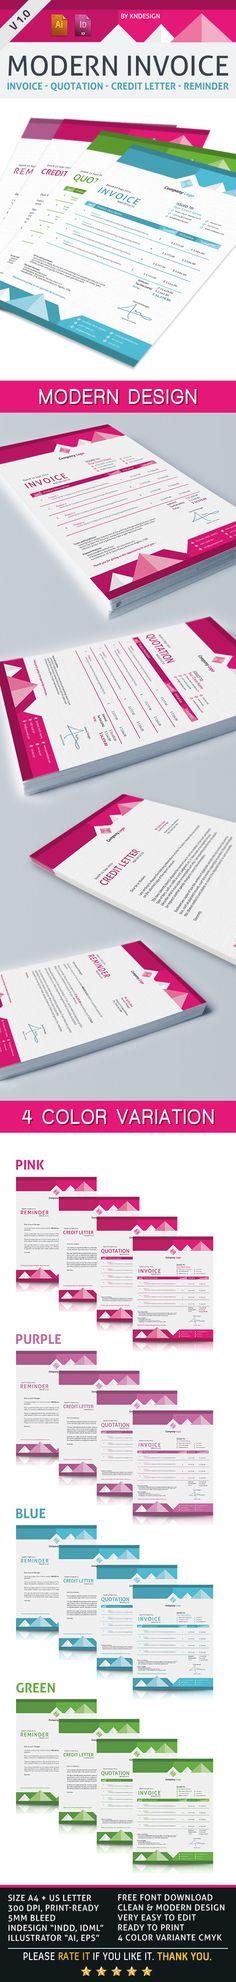 Invoice Font logo and Logos - invoice logo